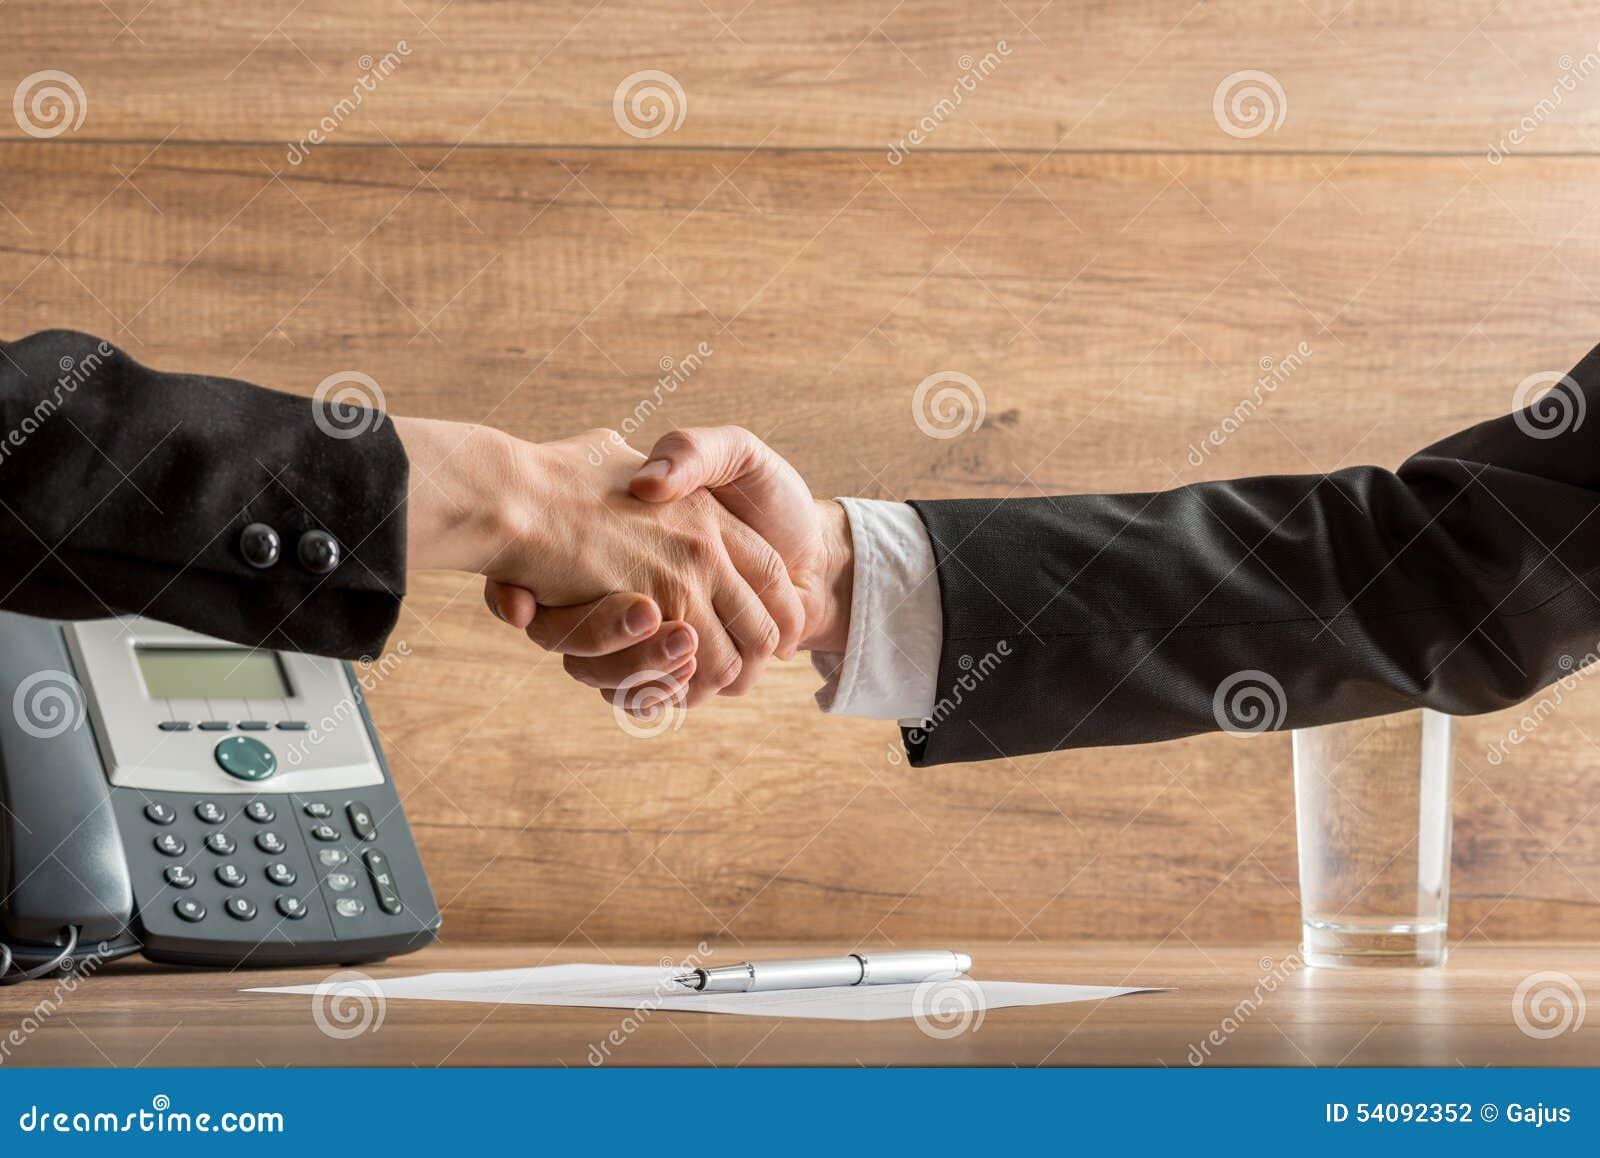 Рукопожатие деловых партнеров над письменным соглашением